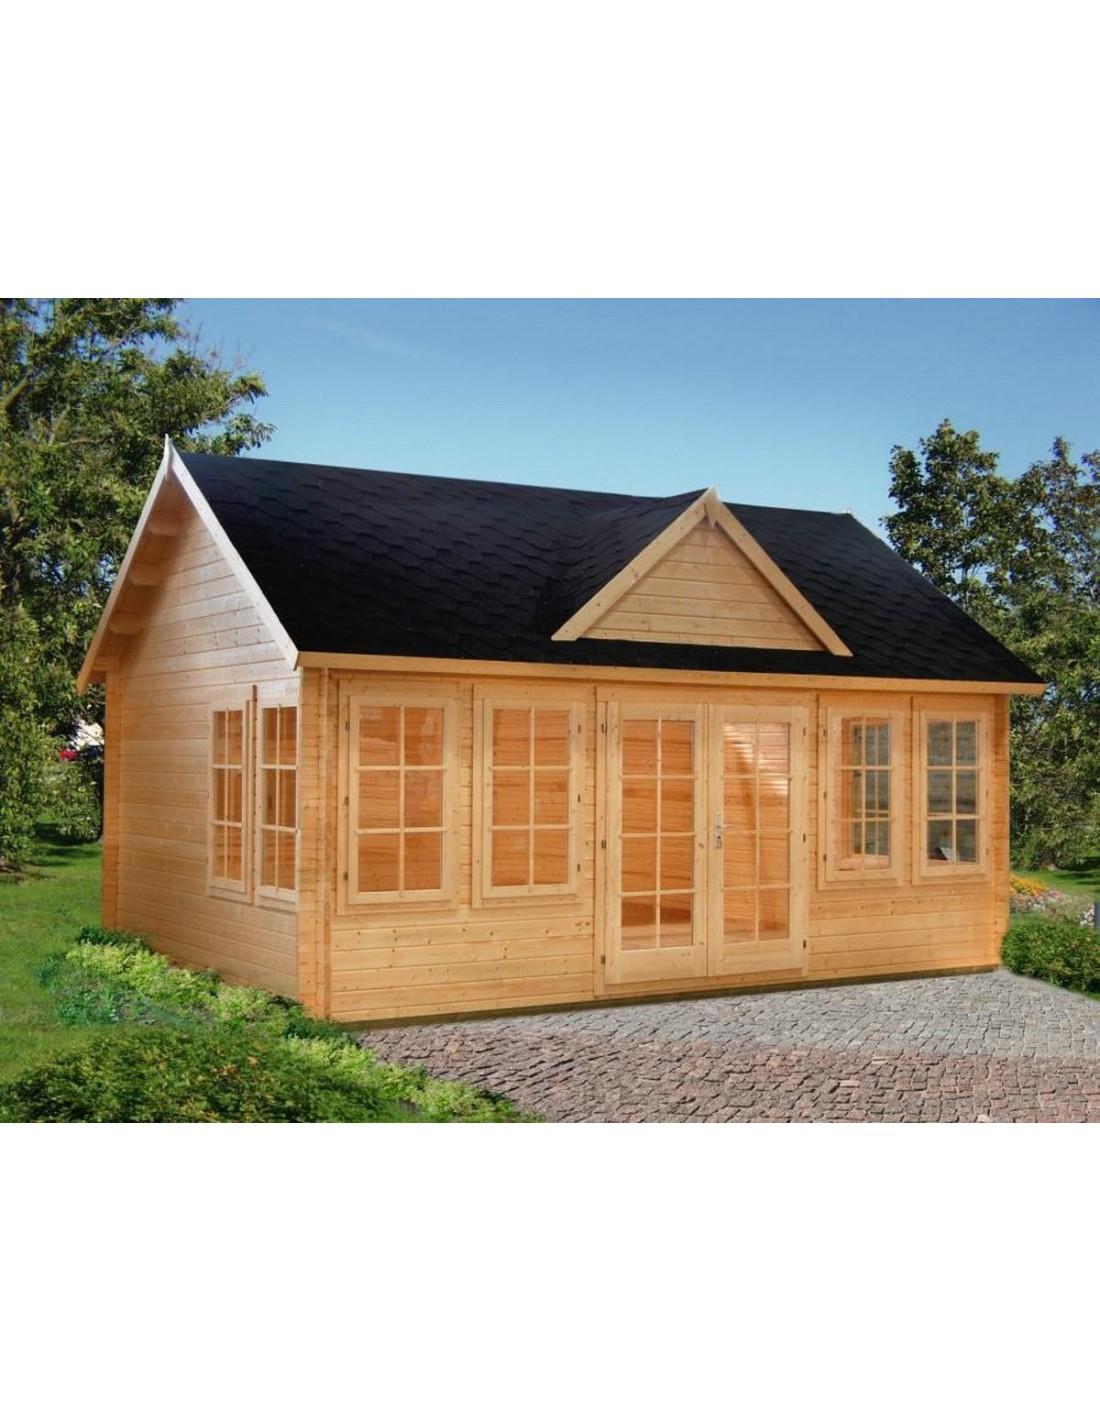 Abri De Jardin Claudia 20 M² Avec Plancher - Serres-Et-Abris dedans Cabane De Jardin Habitable